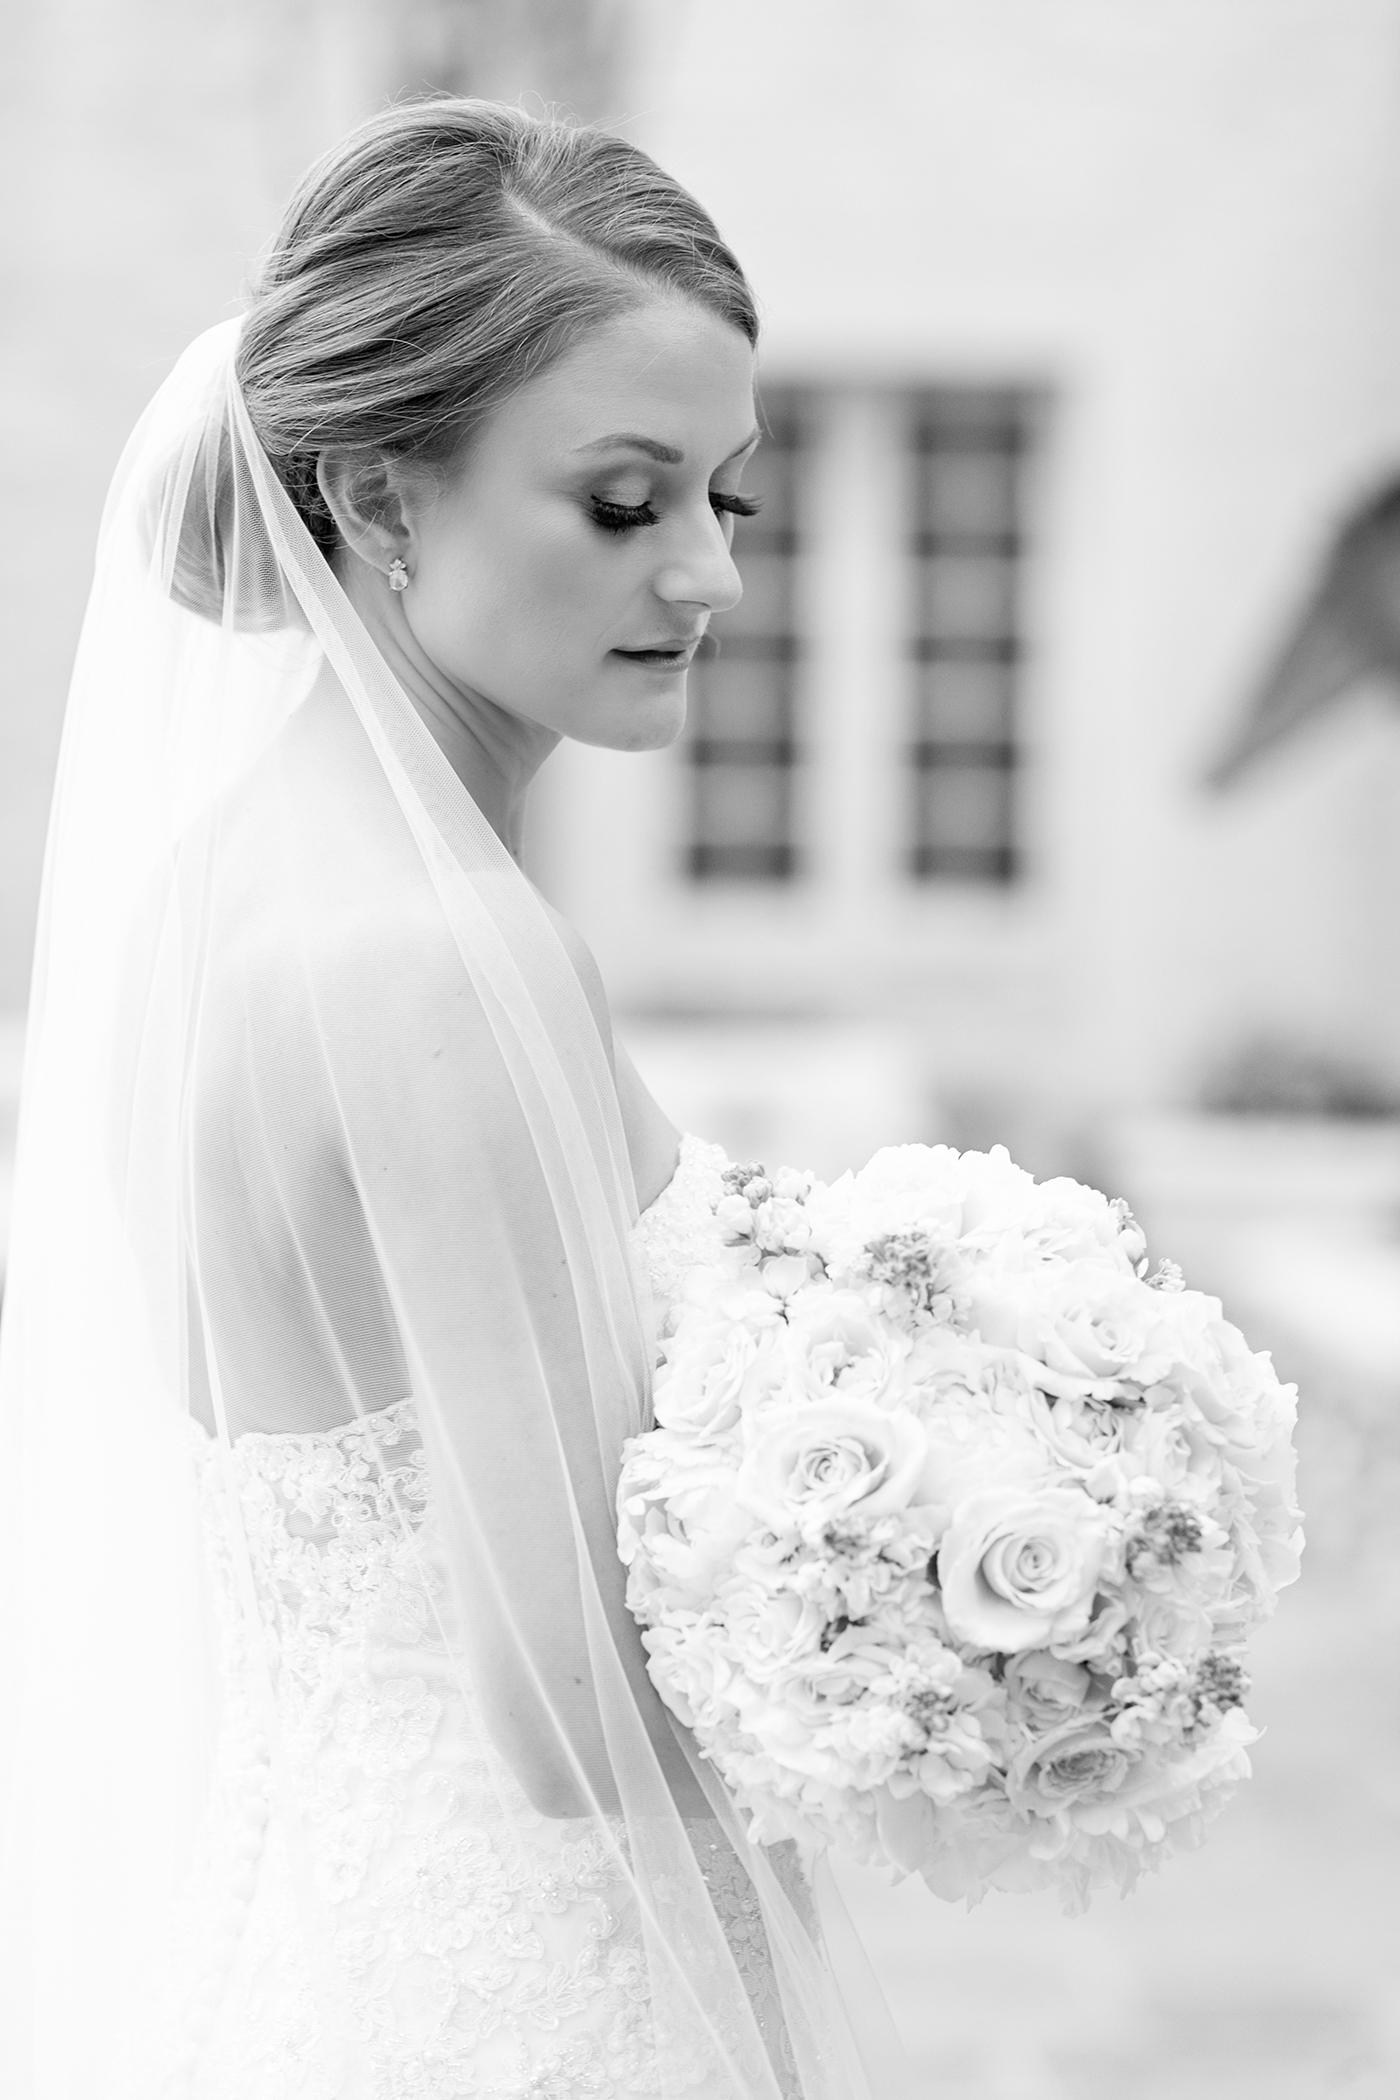 Dallas Wedding Planner - Allday Events - Classic Wedding at Dallas Scottish Rite - 238.jpg